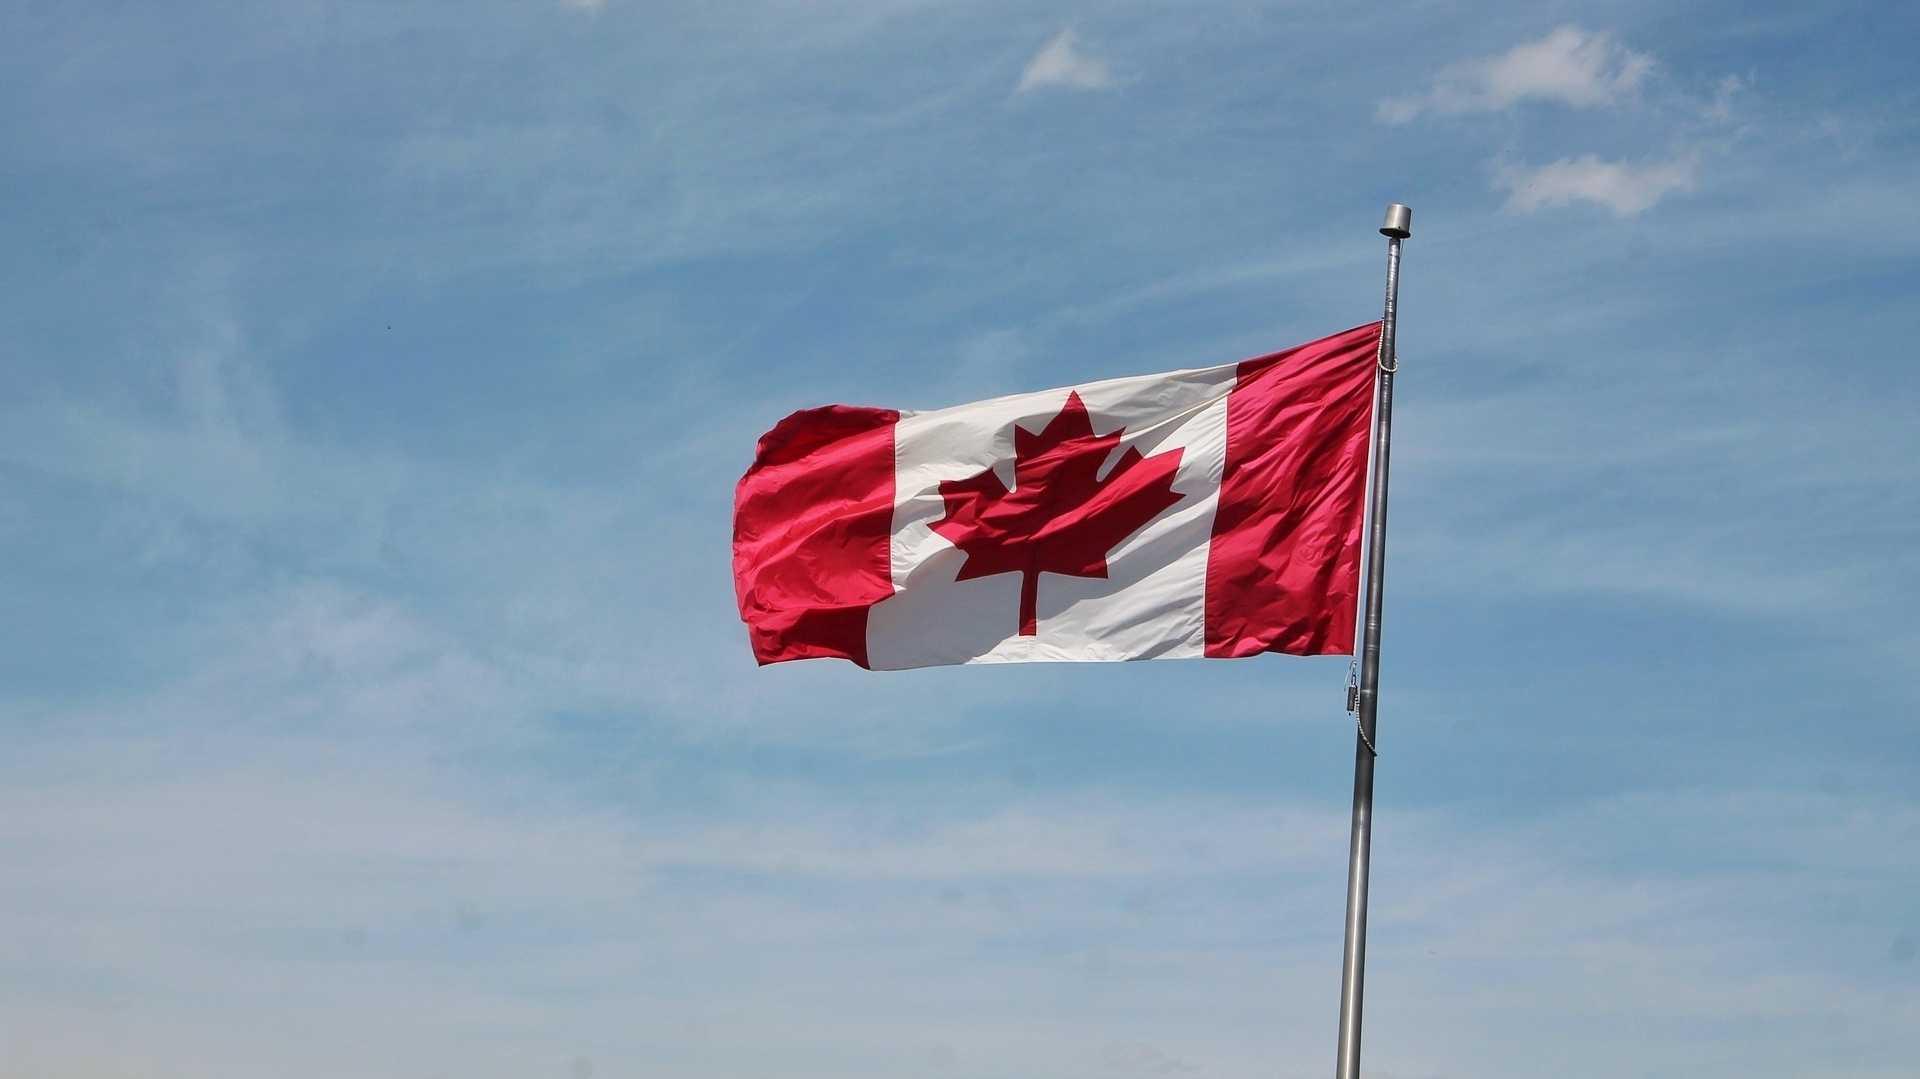 Kanada feuert Botschafter in China nach Äußerungen in Huawei-Affäre